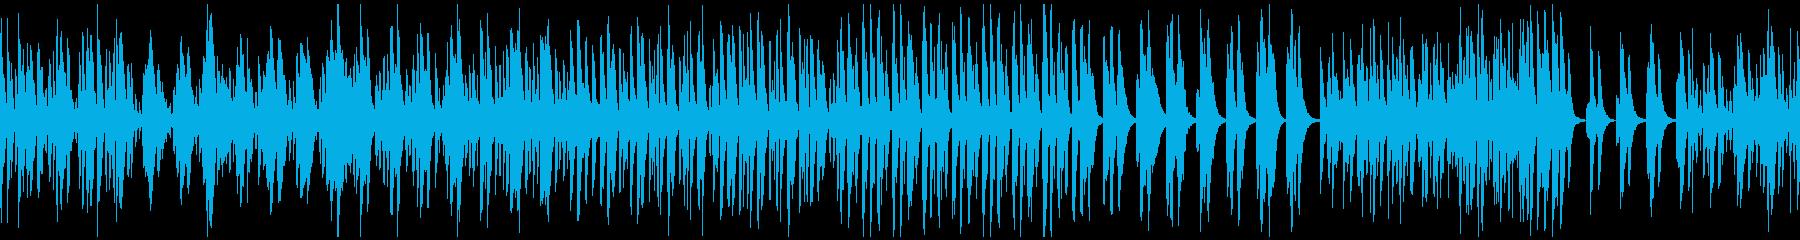 【木漏れ日】ファンタジー系  ループの再生済みの波形